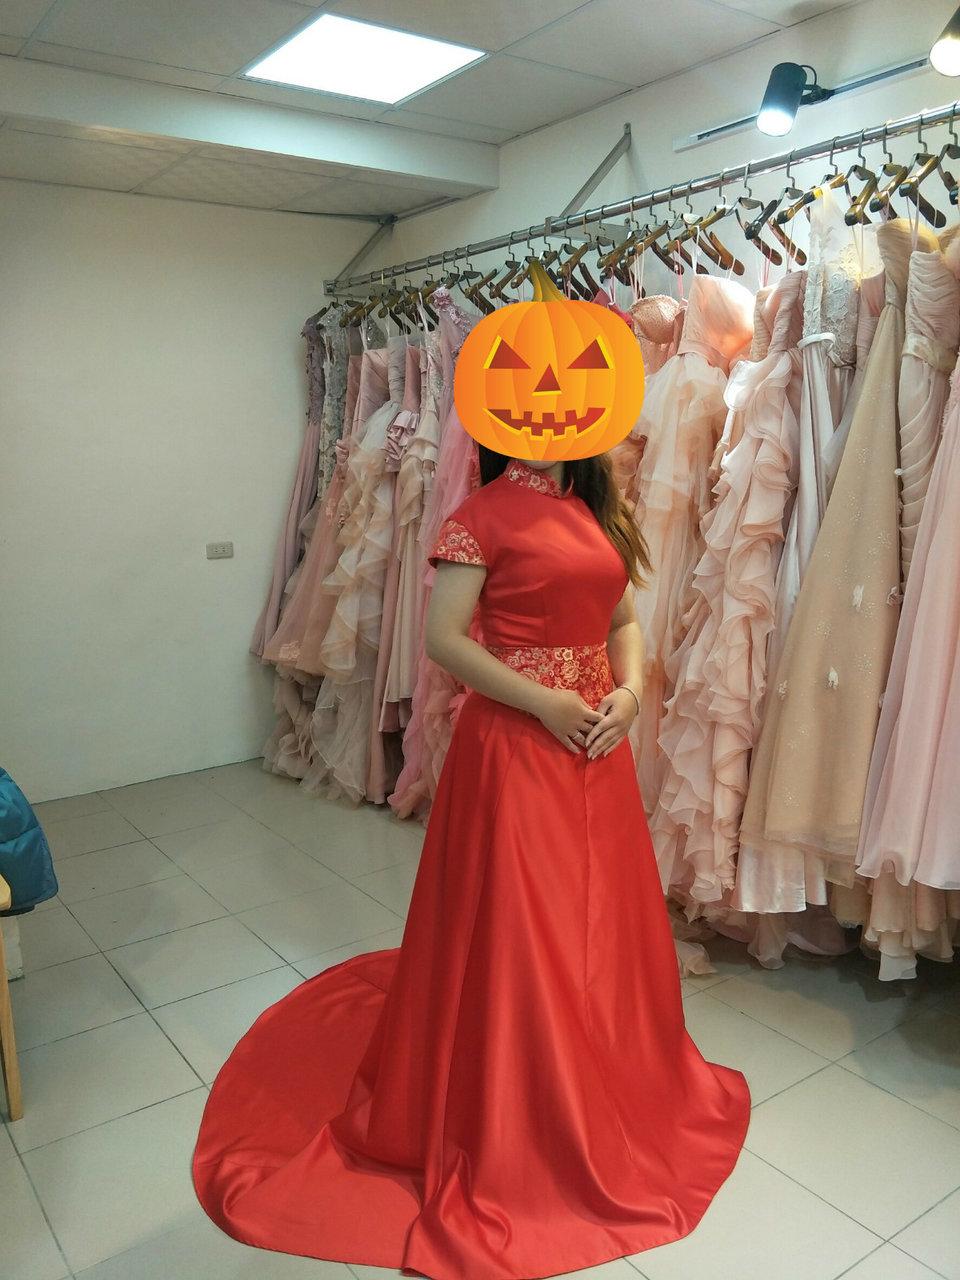 伊頓自助婚紗攝影工作室(台北西門店),【婚紗】挑拍照禮服紀錄分享 伊頓-小漾